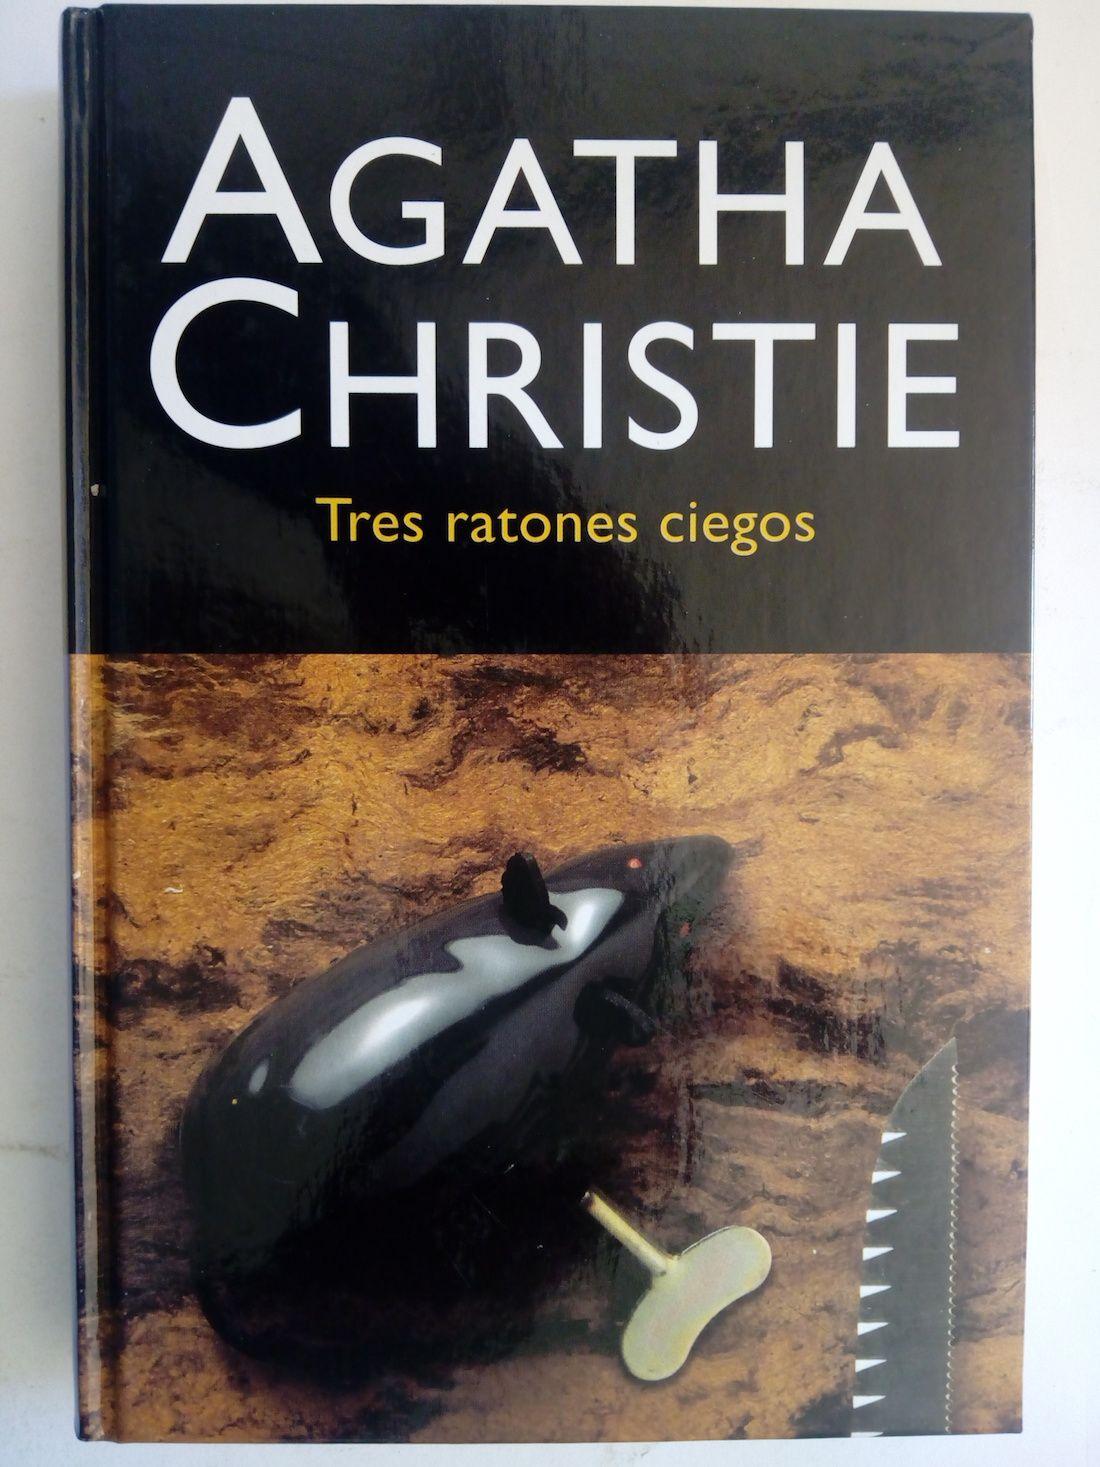 LA RATONERA AGATHA CHRISTIE EBOOK DOWNLOAD